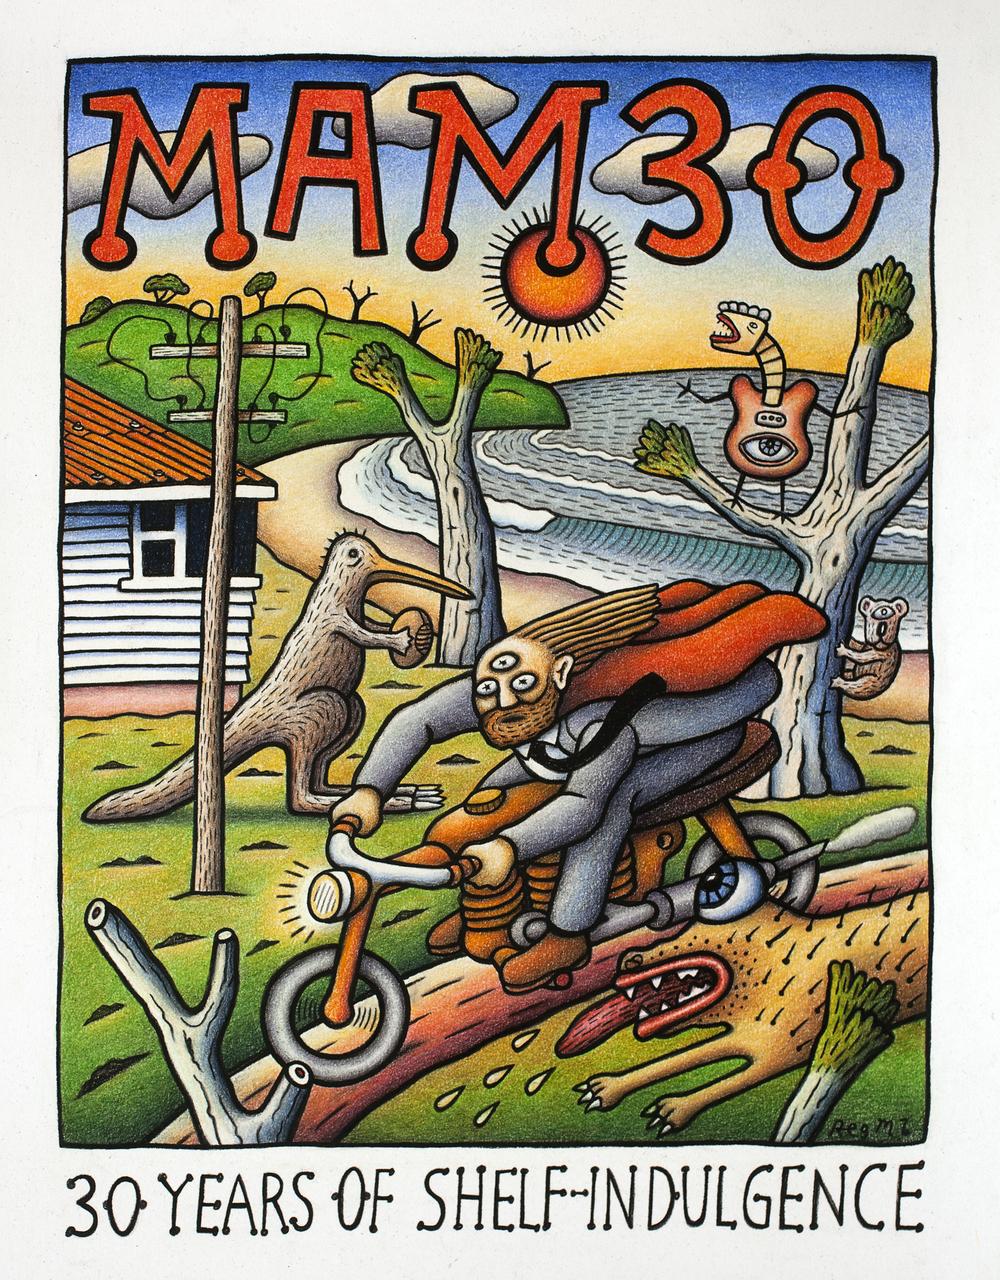 Mambo: 30 Years of Shelf-Indulgence artwork by Reg Mombassa